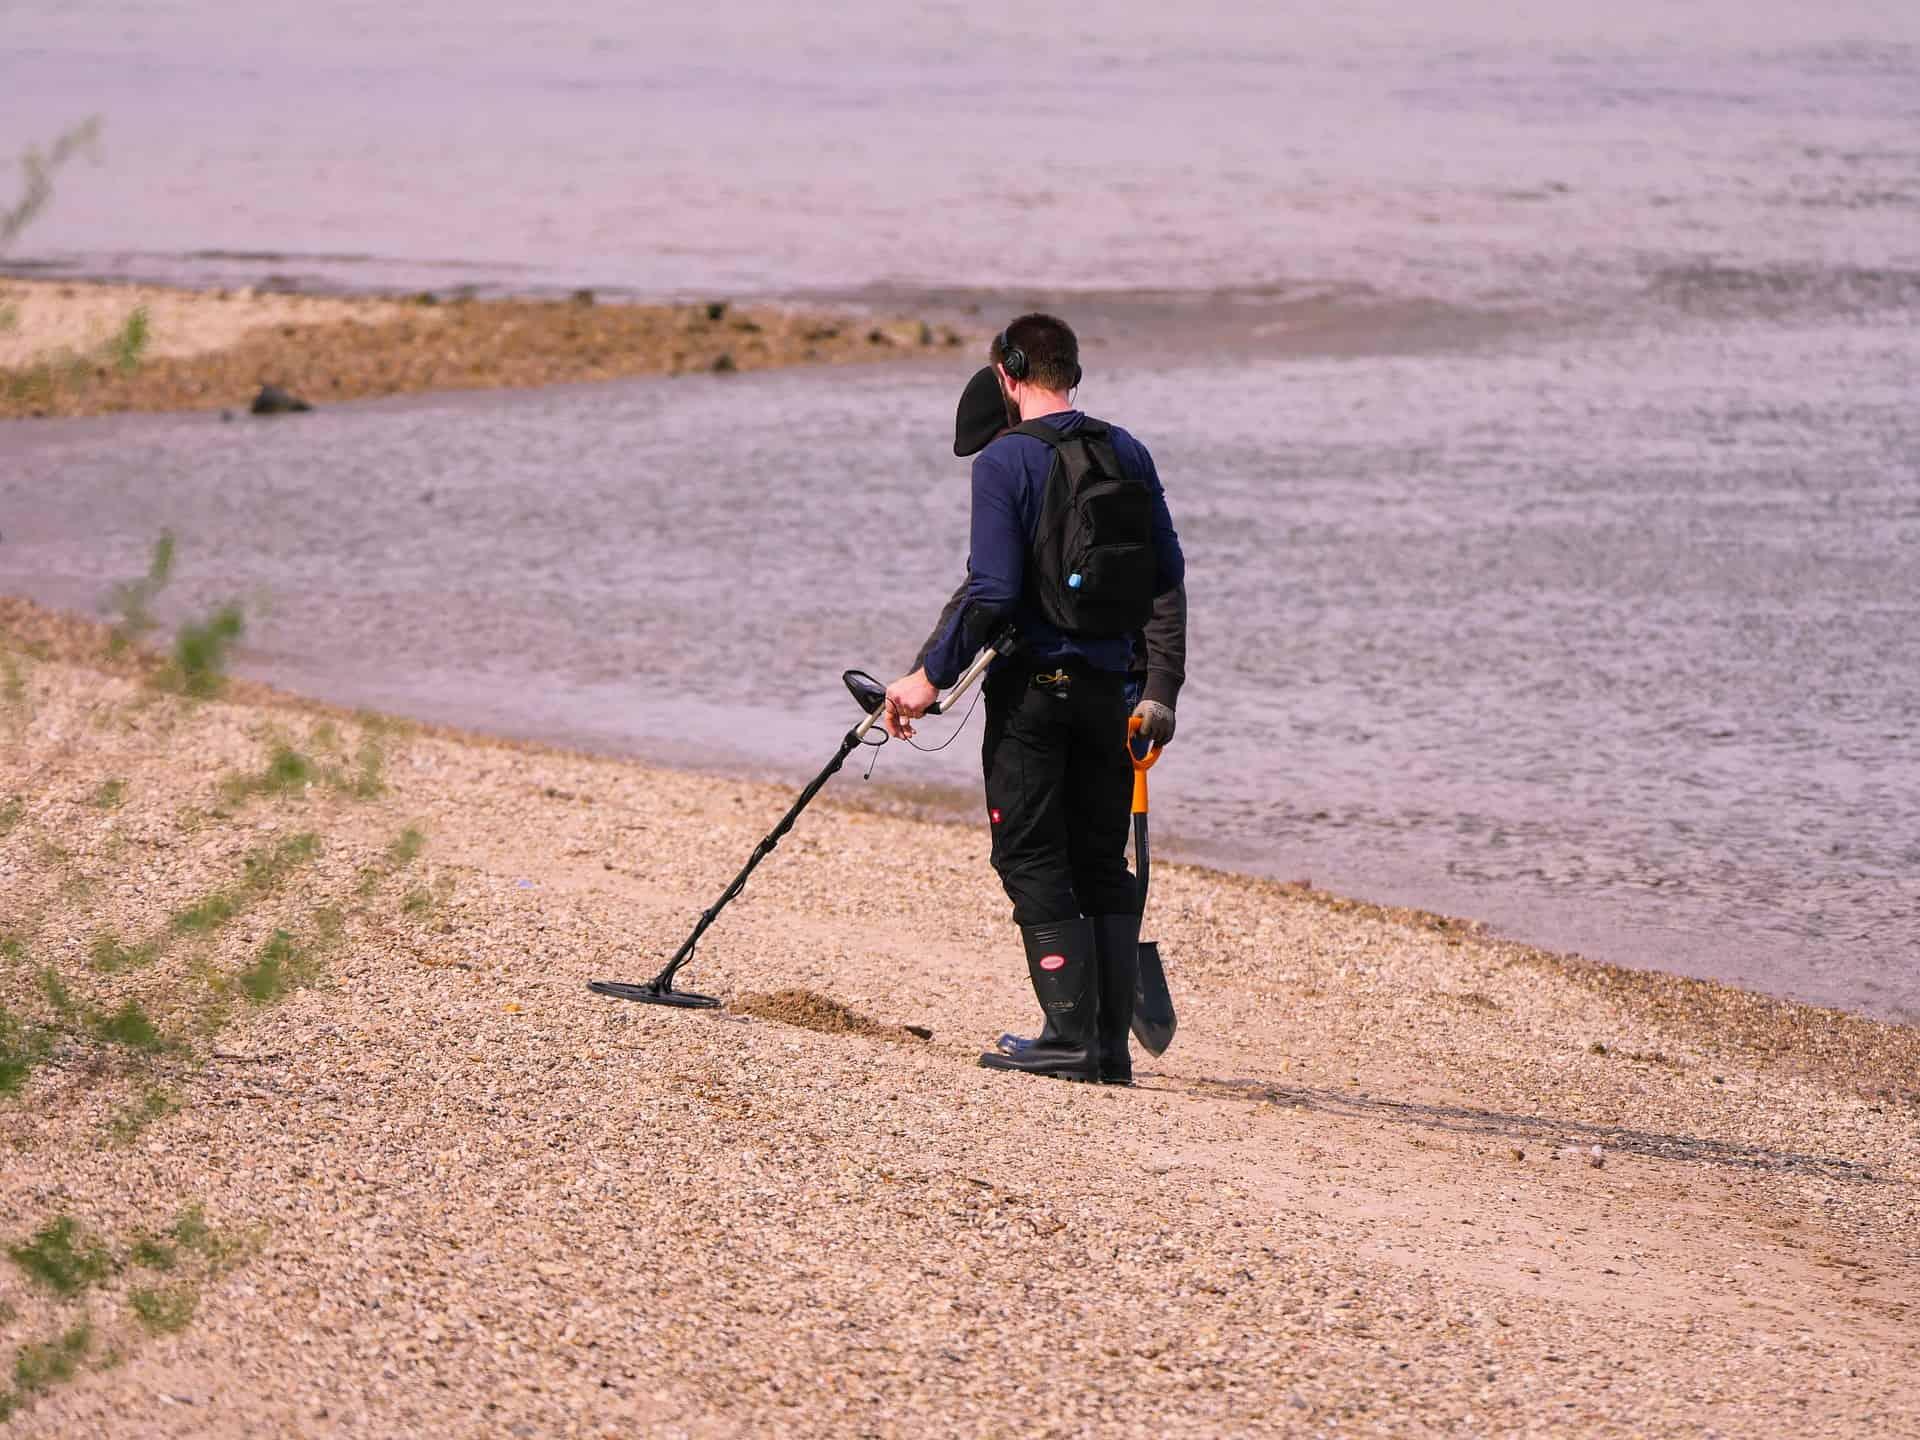 Homem encontra corrente enterrada, continua cavando e não acredita no que vê